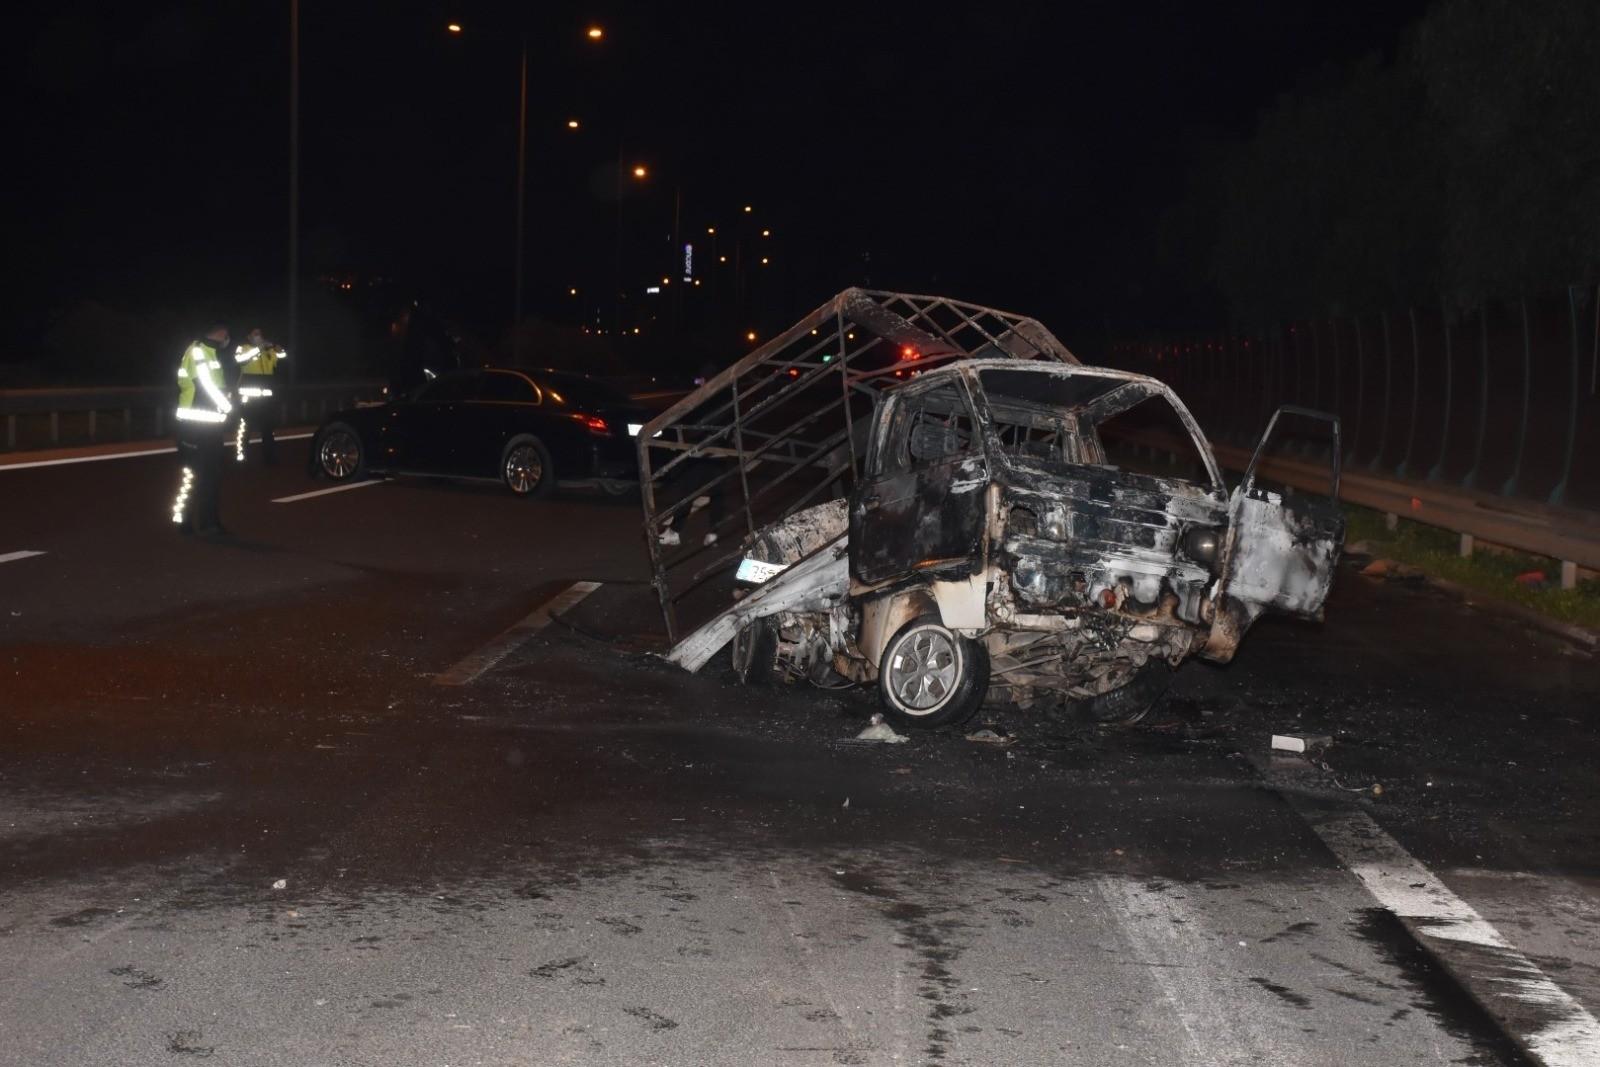 Çarpmanın etkisiyle alev aldı! Otomobilin çarpmasıyla alev alan kamyonet sürücüsü ağır yaralandı